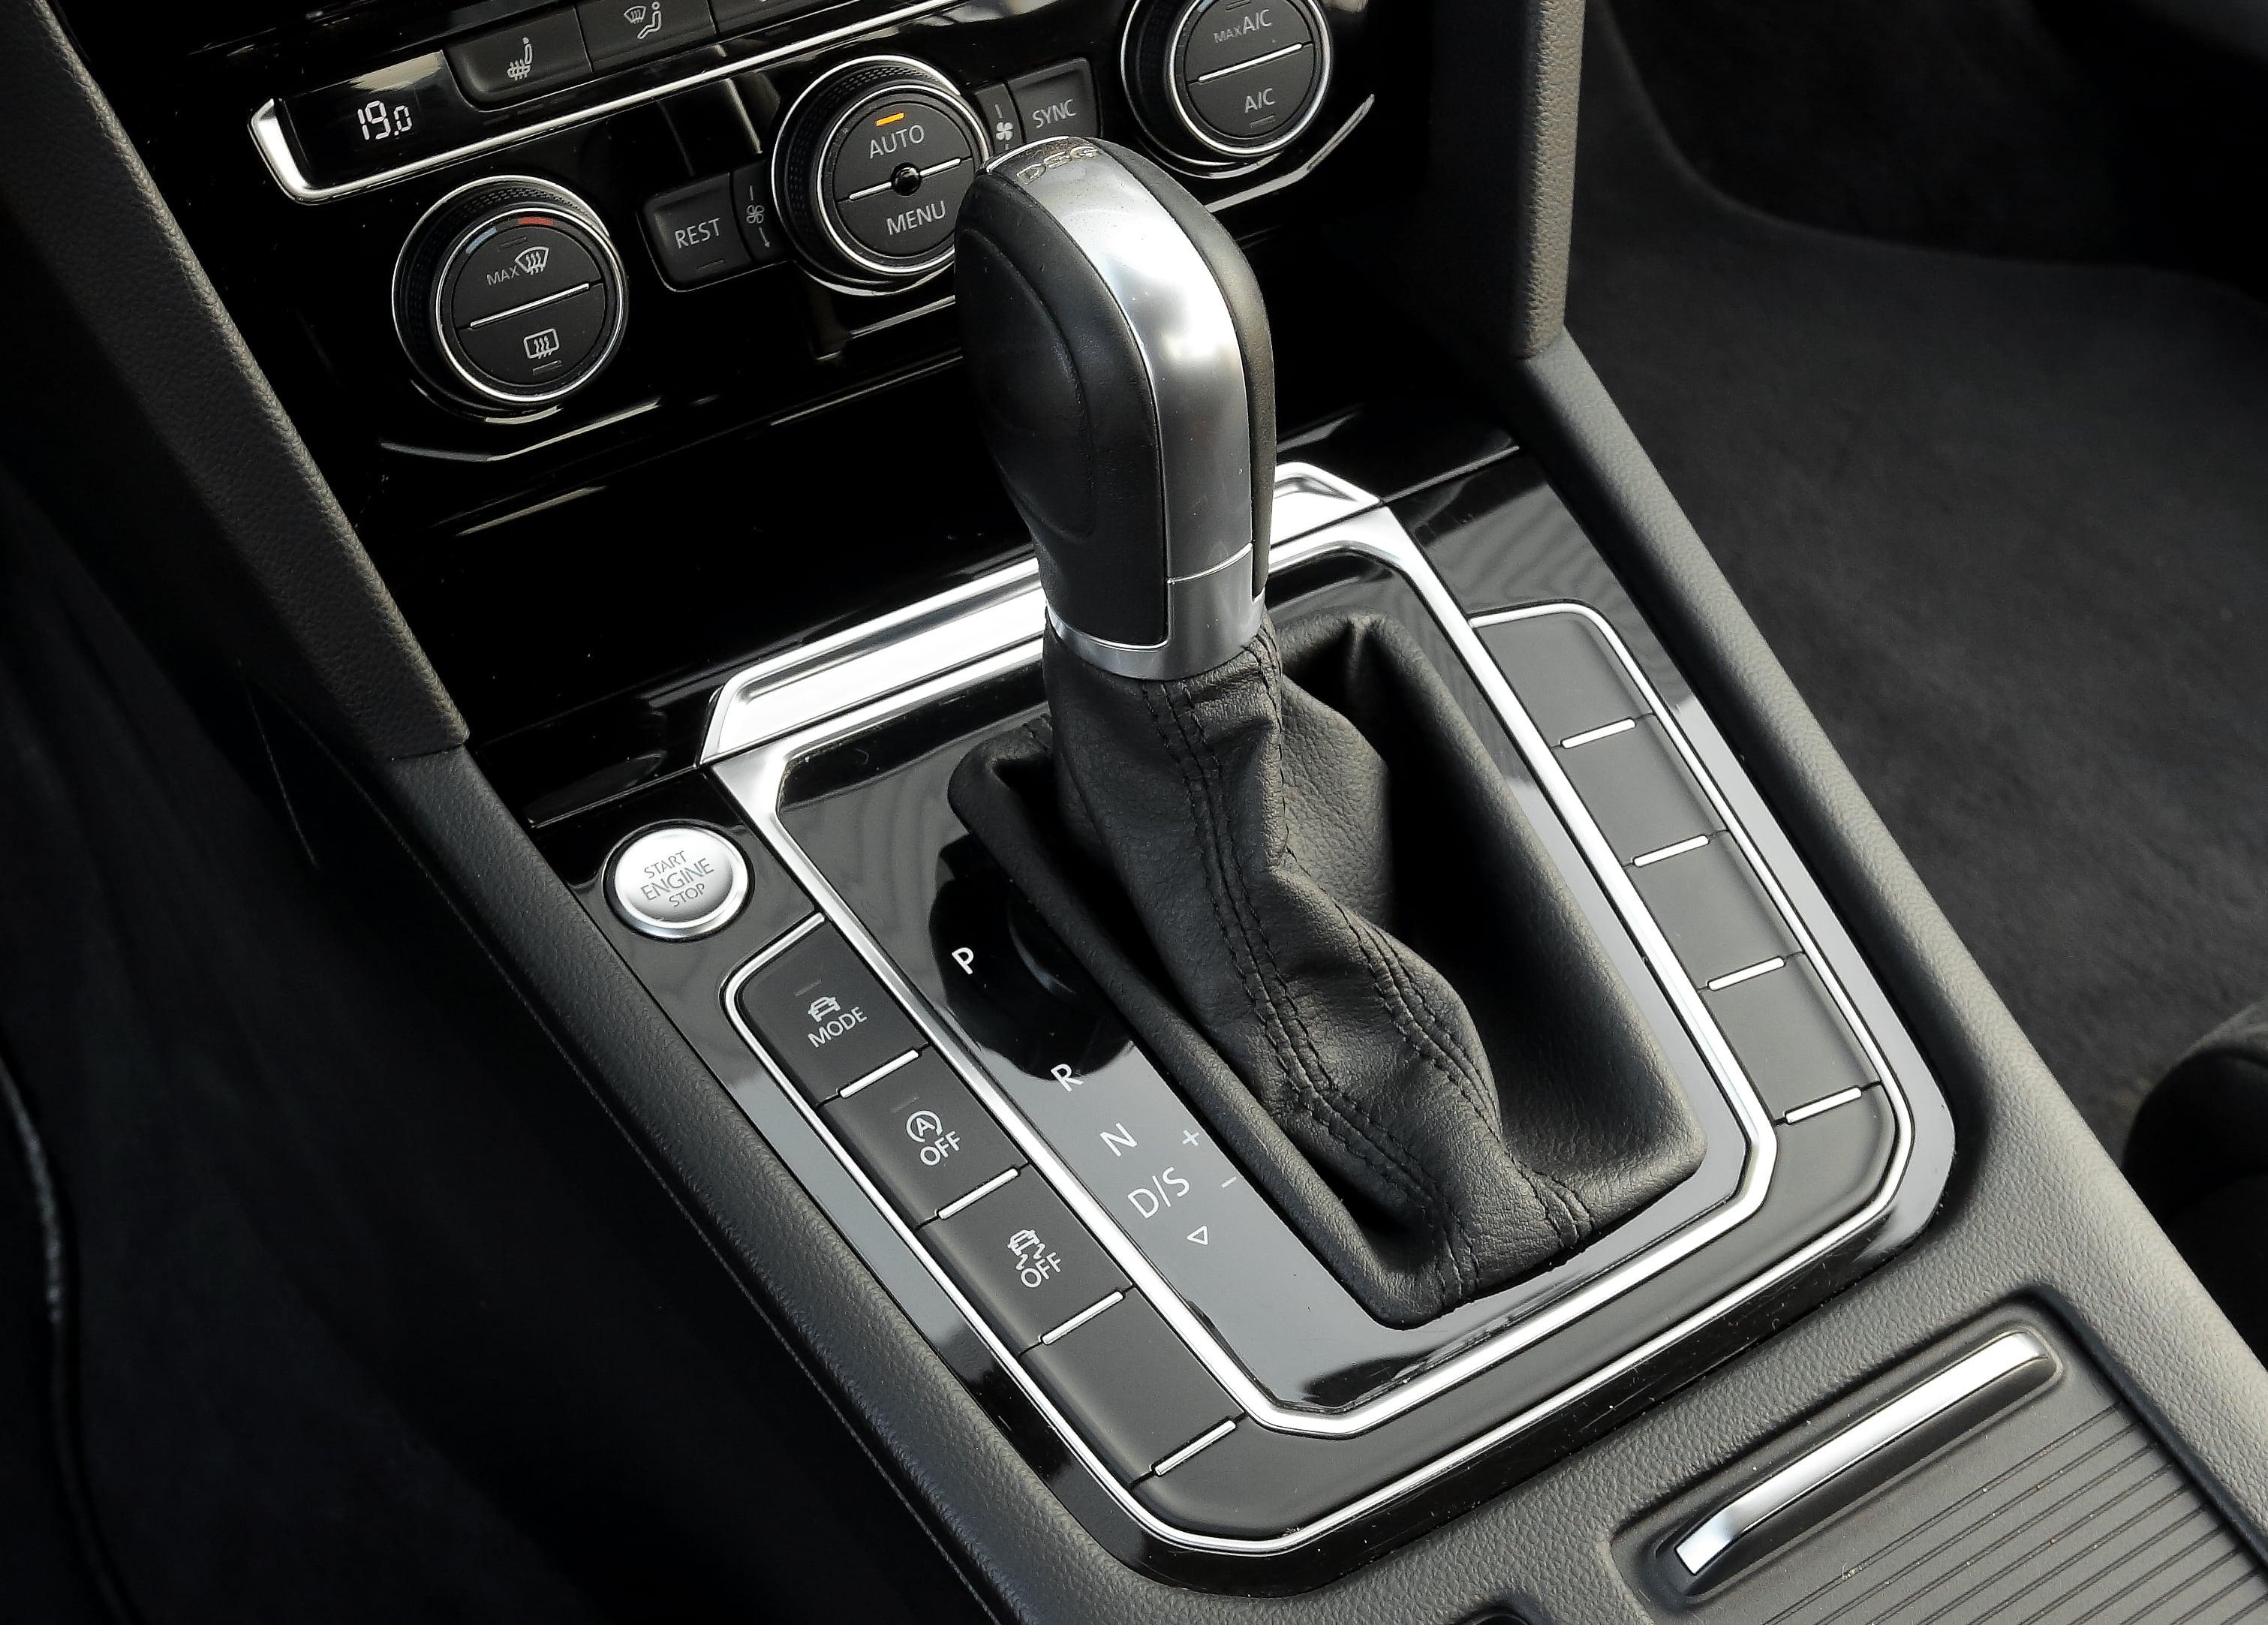 Volkswagen Passat (B8) 1.8 TSI skrzynia biegów DSG